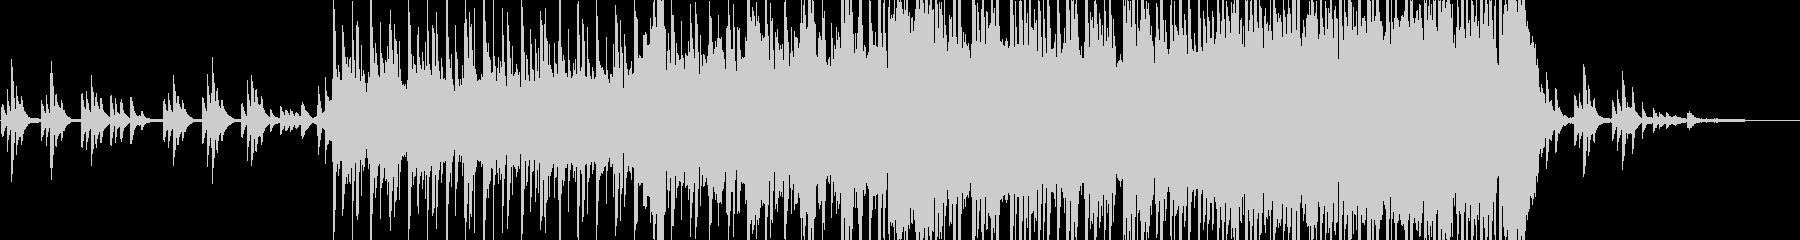 ピアノ中心の和風インスト(太鼓等あり)の未再生の波形